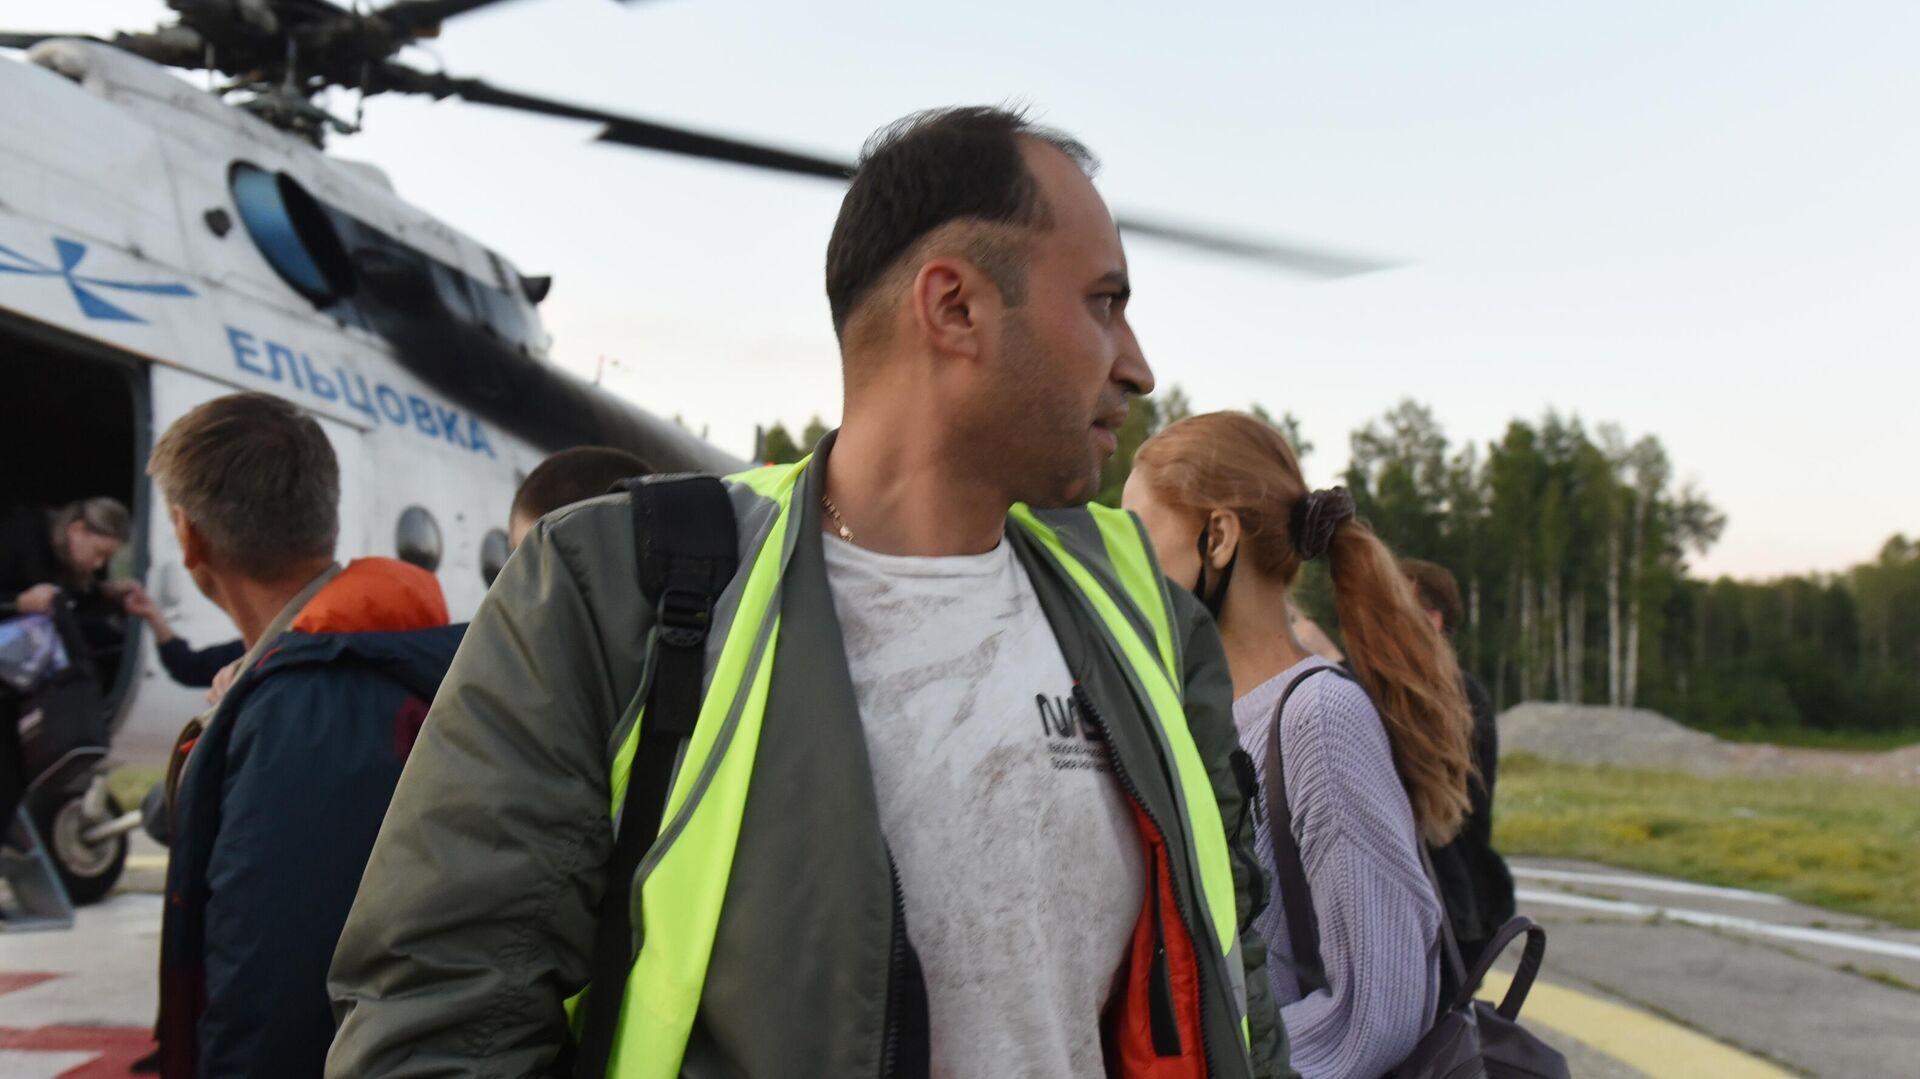 Пилот самолета Ан-28 Фарух Хасанов, доставленный вместе с пассажирами в Томск с места жесткой посадки самолета - РИА Новости, 1920, 16.07.2021